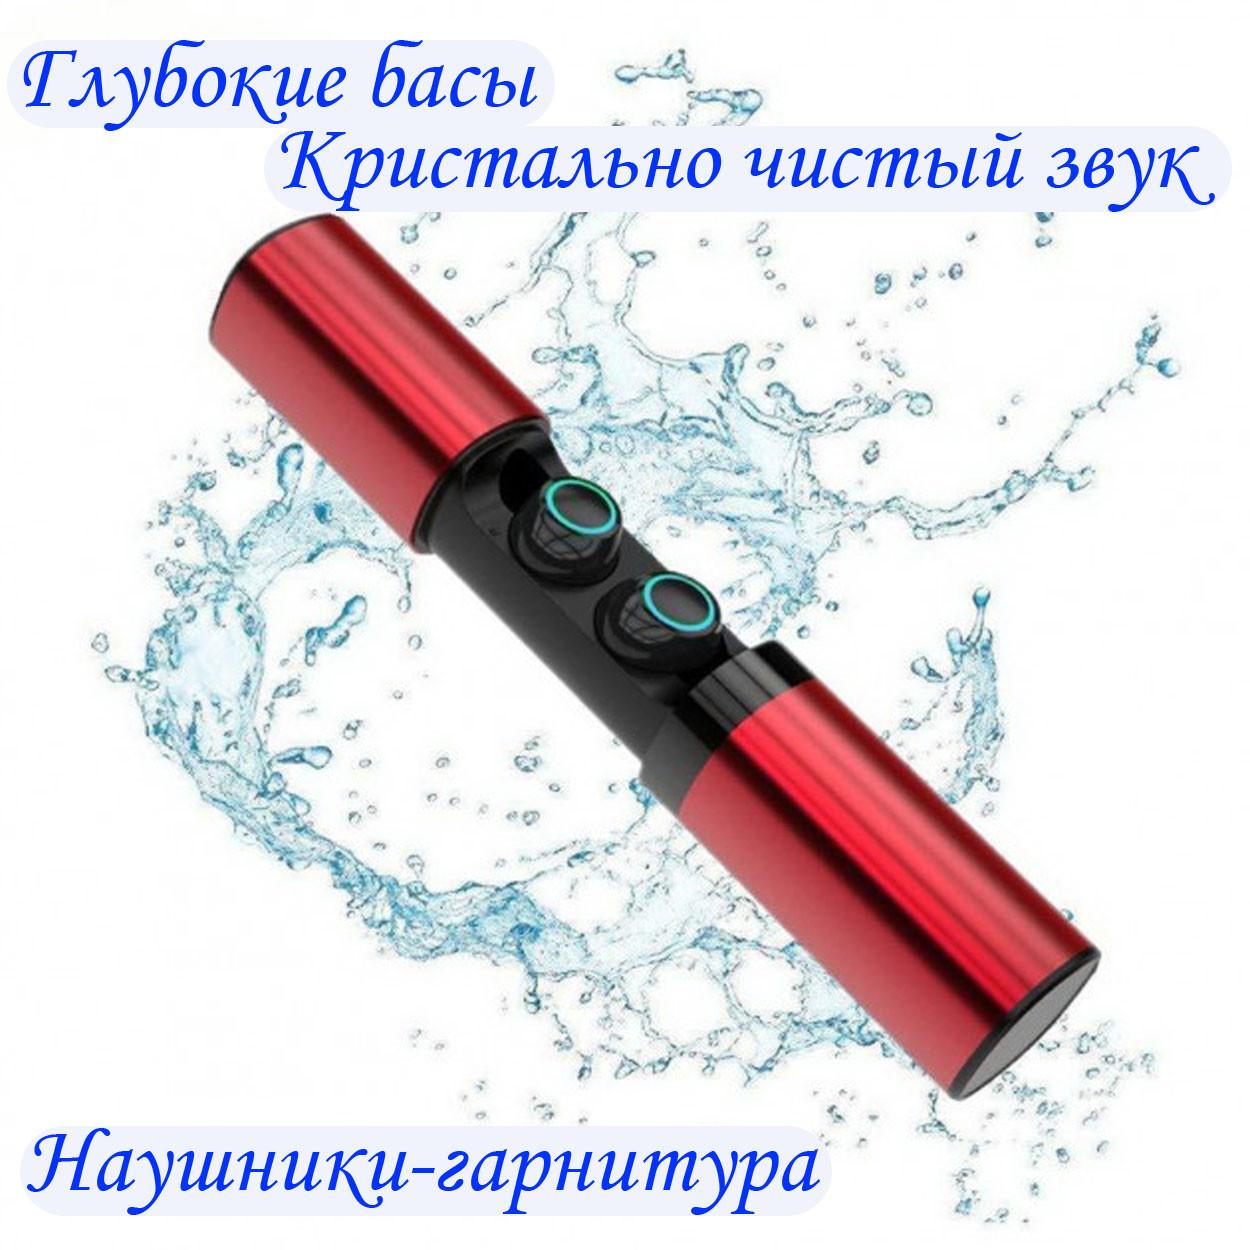 Wi-pods S2 Беспроводные наушники блютуз гарнитура Оригинал водонепроницаемые Красный металлик.